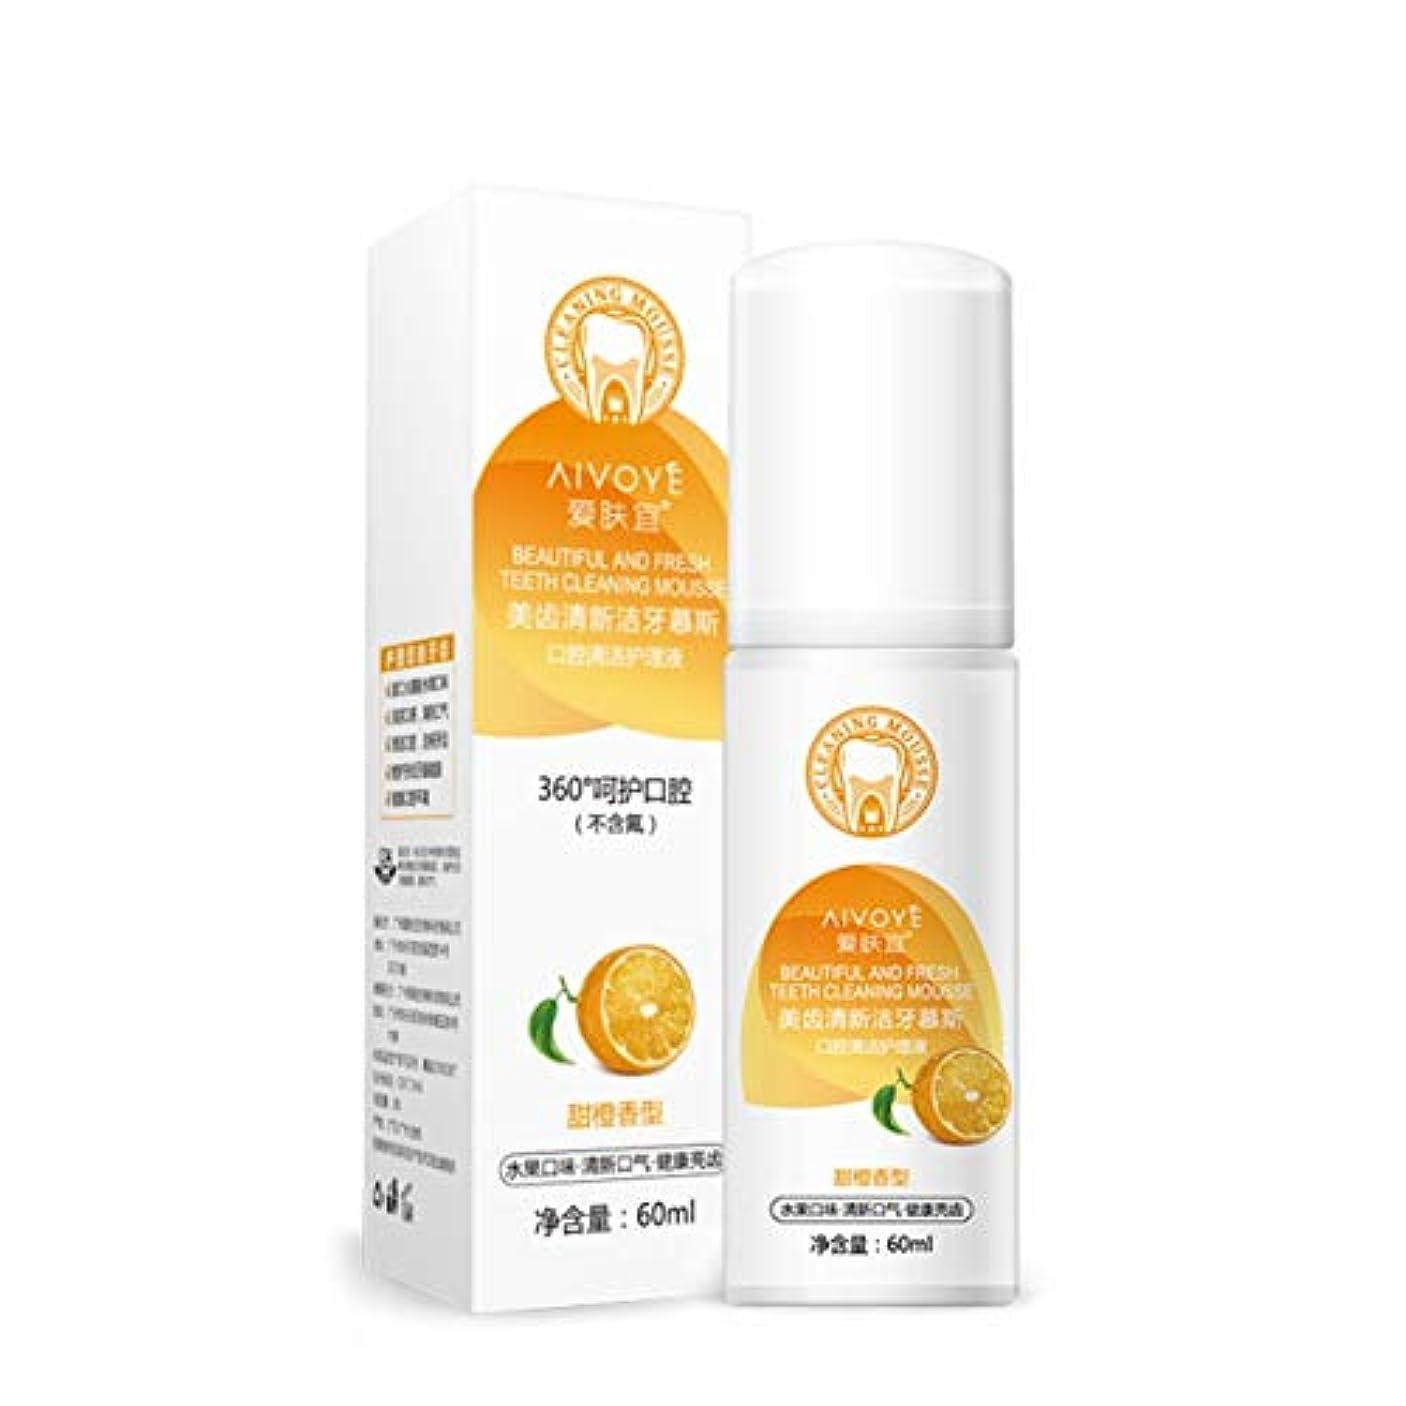 オレンジハーブミント新鮮な歯磨き粉は歯肉炎歯磨きをきれいにして清潔な歯を磨きます汚れ口臭プラーク - オレンジ